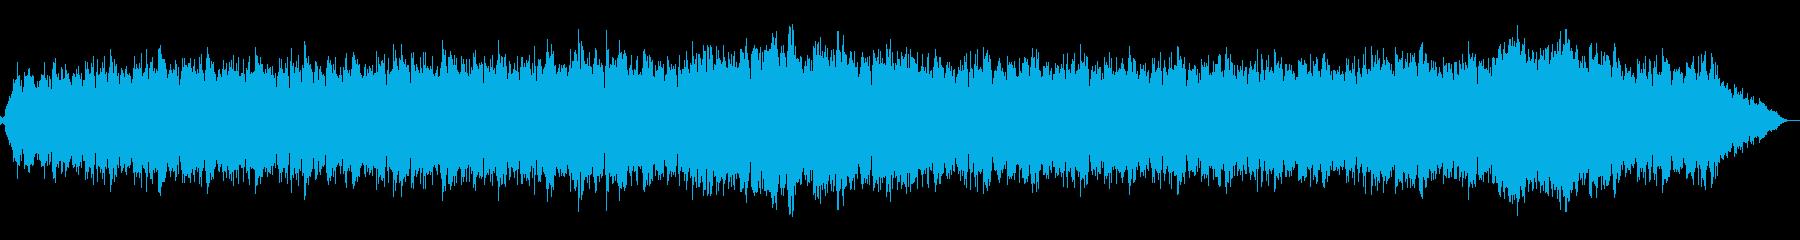 リバーブとディレイギターサウンドの再生済みの波形